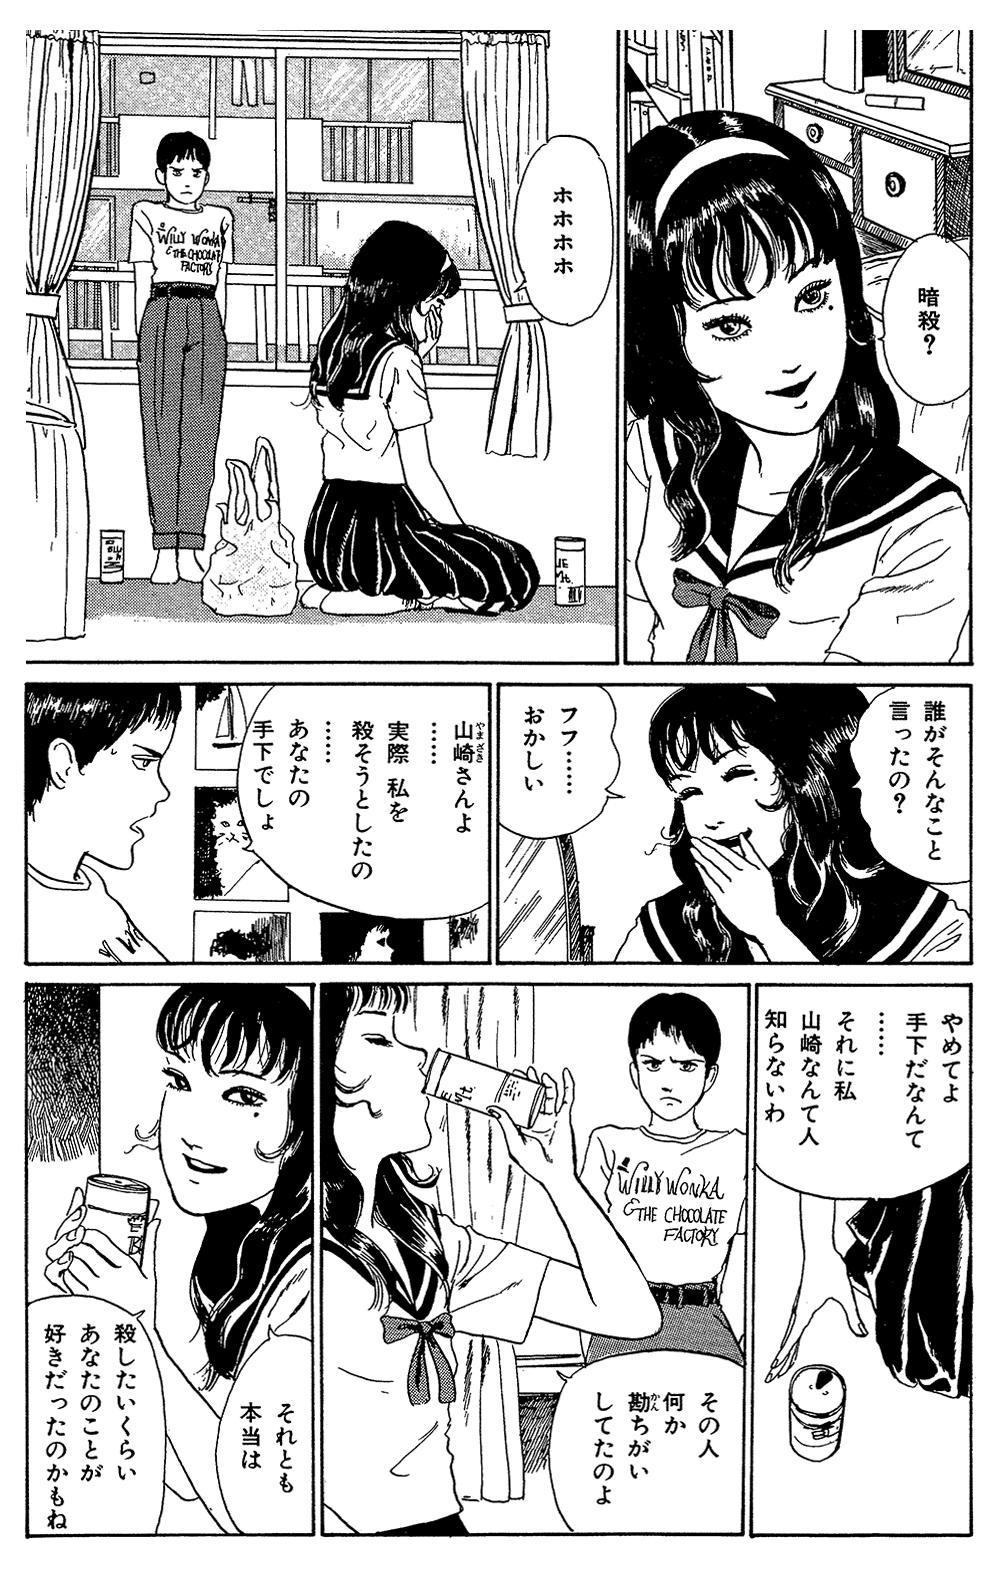 伊藤潤二傑作集 第4話「富江 写真」④jjunji13-04.jpg